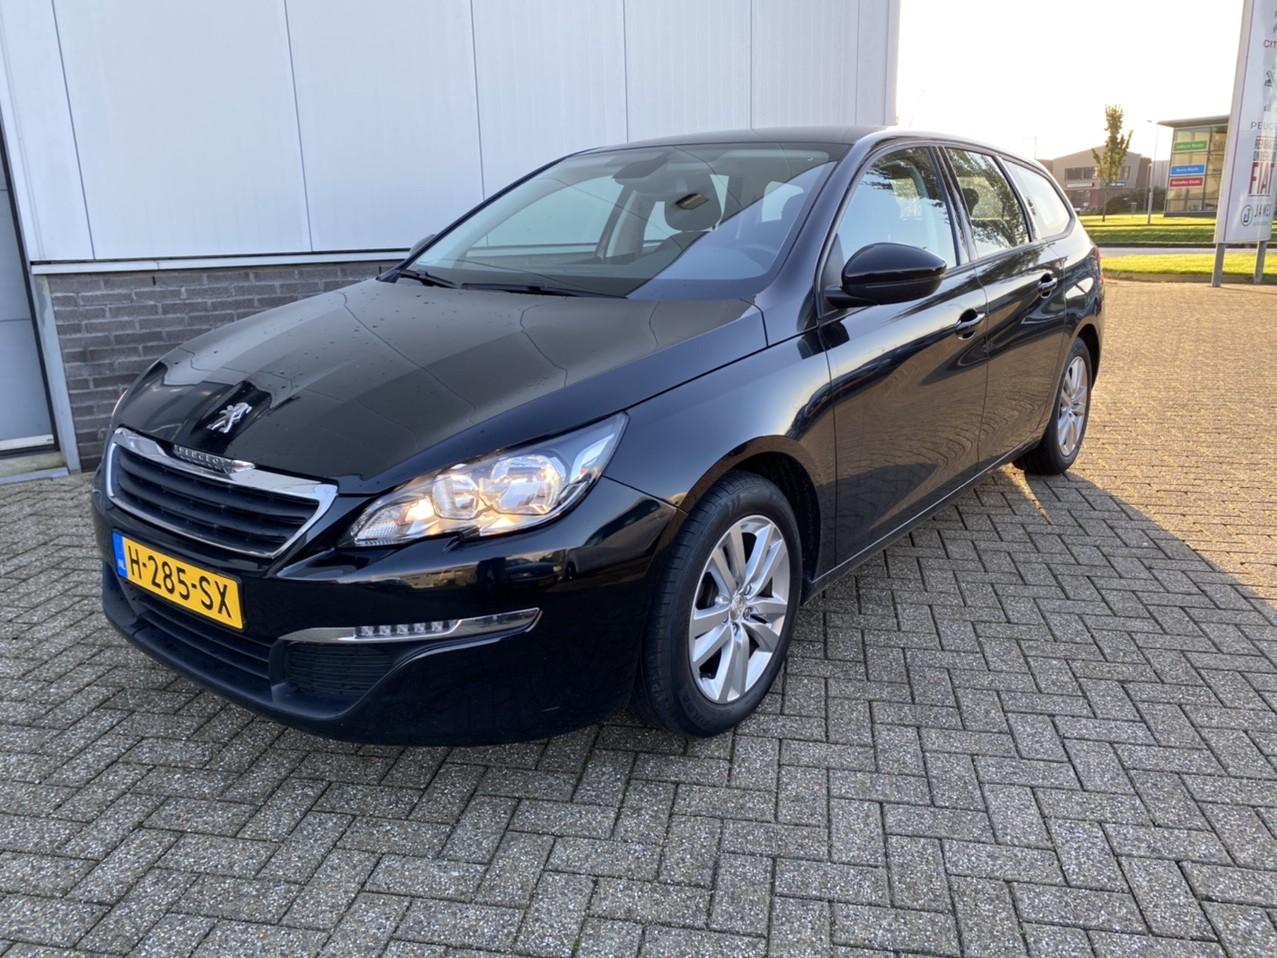 Peugeot 308 Sw 100 pk blue lease rijklaar prijs